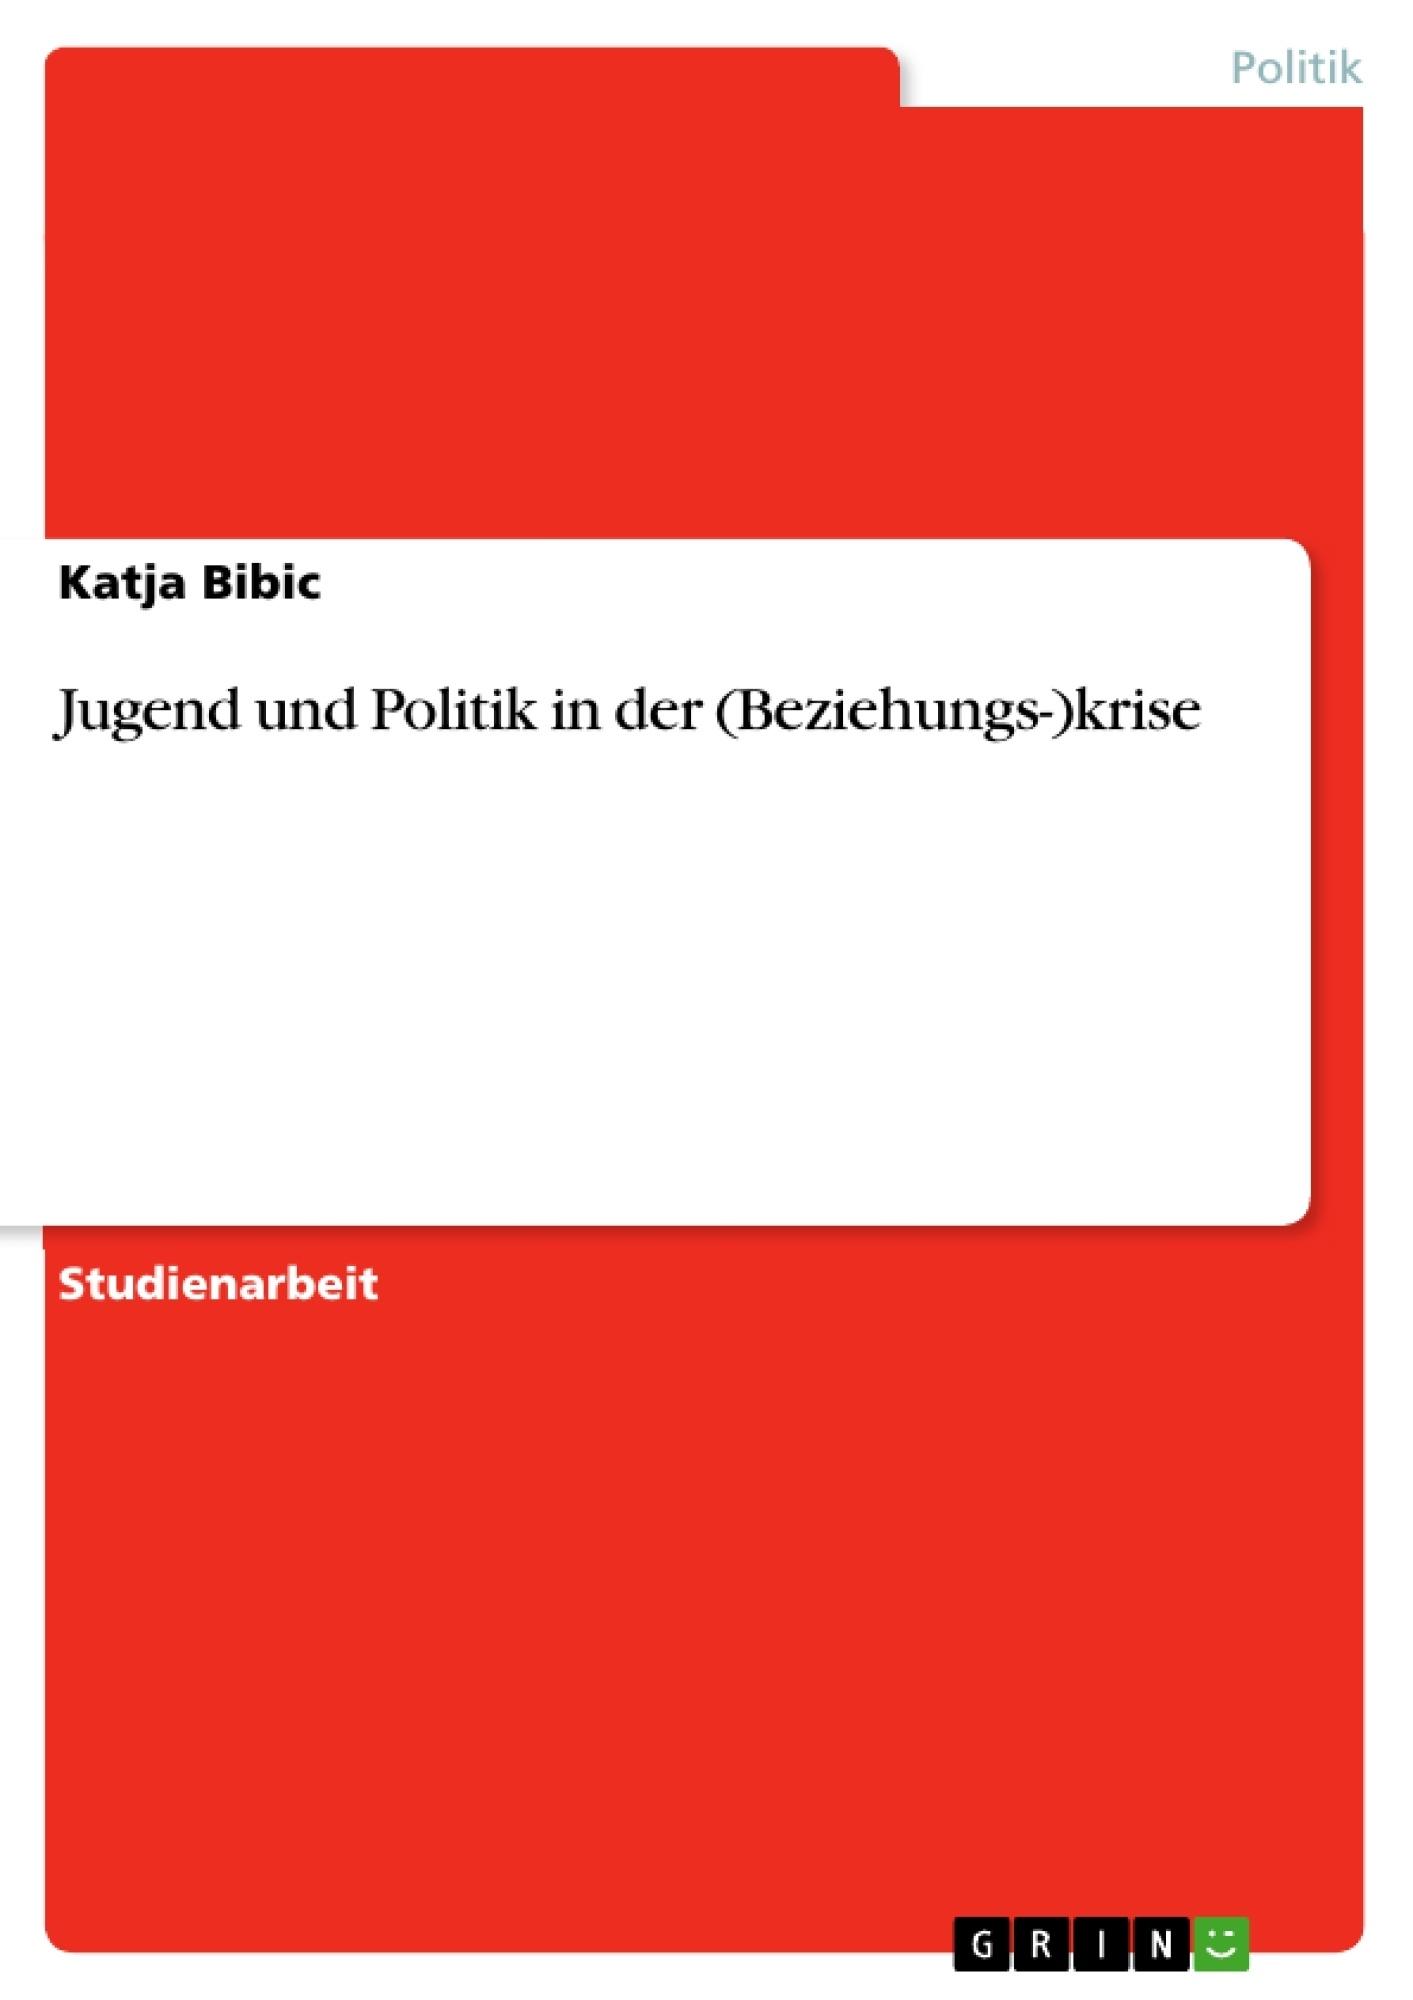 Titel: Jugend und Politik in der (Beziehungs-)krise